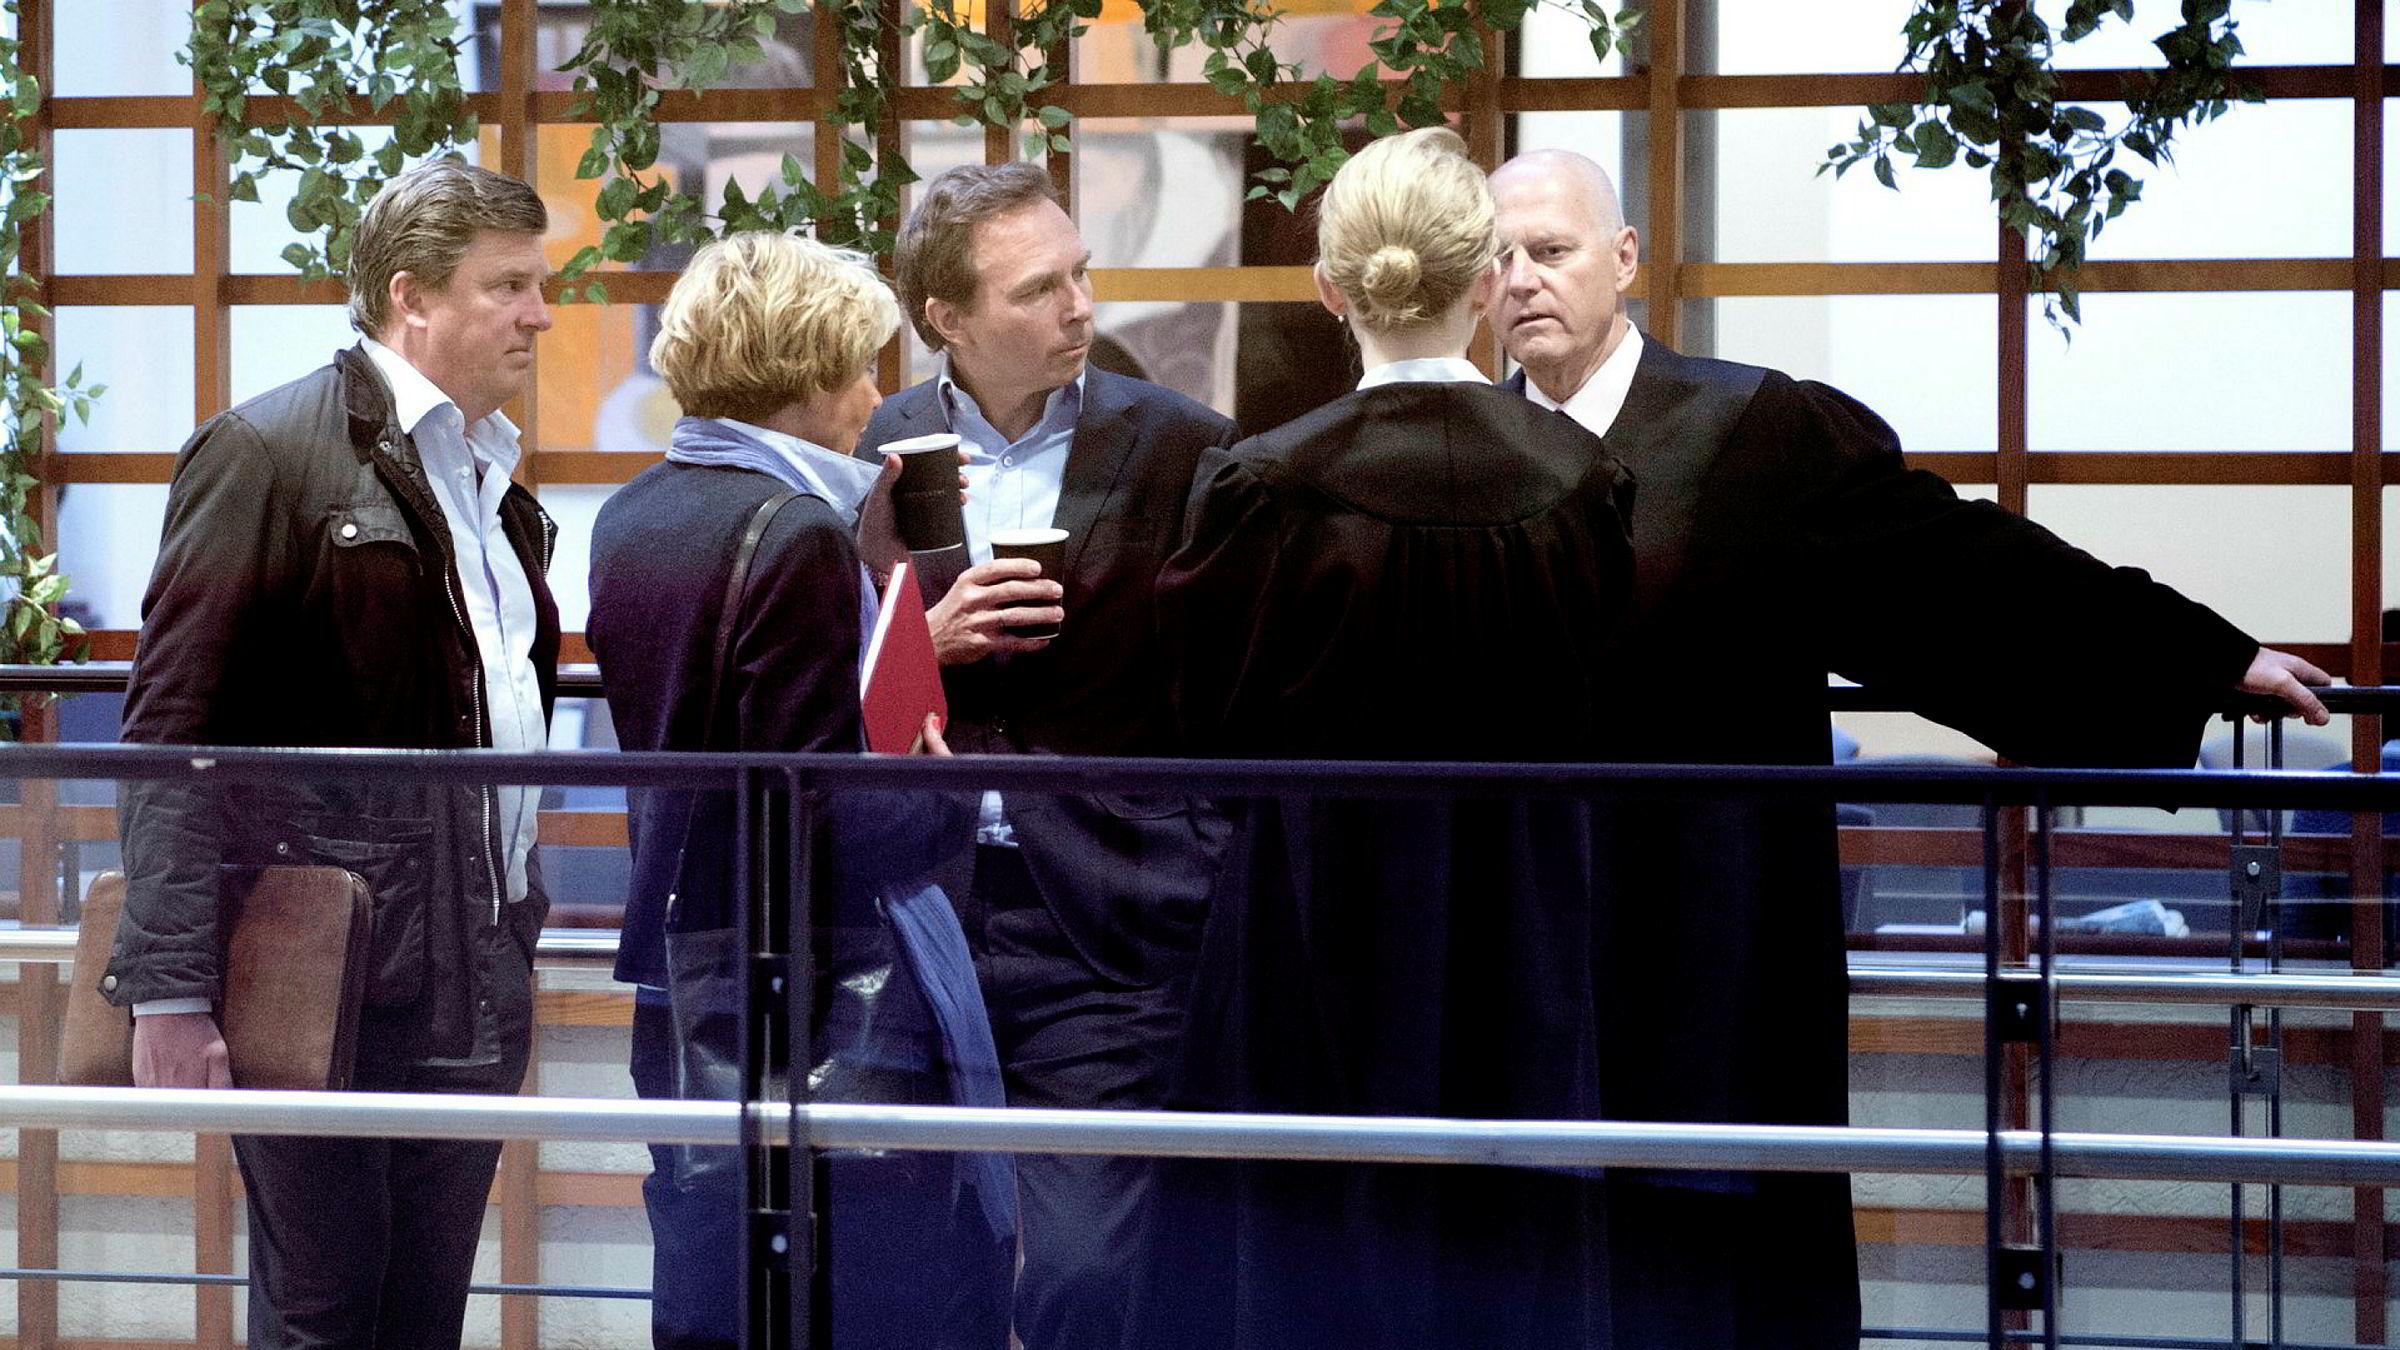 Aschehougs konsernsjef Mads Nygaard (i midten) konfererte med pr-rådgiver Morten Pettersen i Boldt (fra venstre) visekonsernsjef Kari-Anne Haugen, advokatfullmektig Kirsten Lange og advokat Anders Ryssdal fra advokatfirmaet Glittertind før han skulle inn og vitne i Oslo tingrett torsdag.